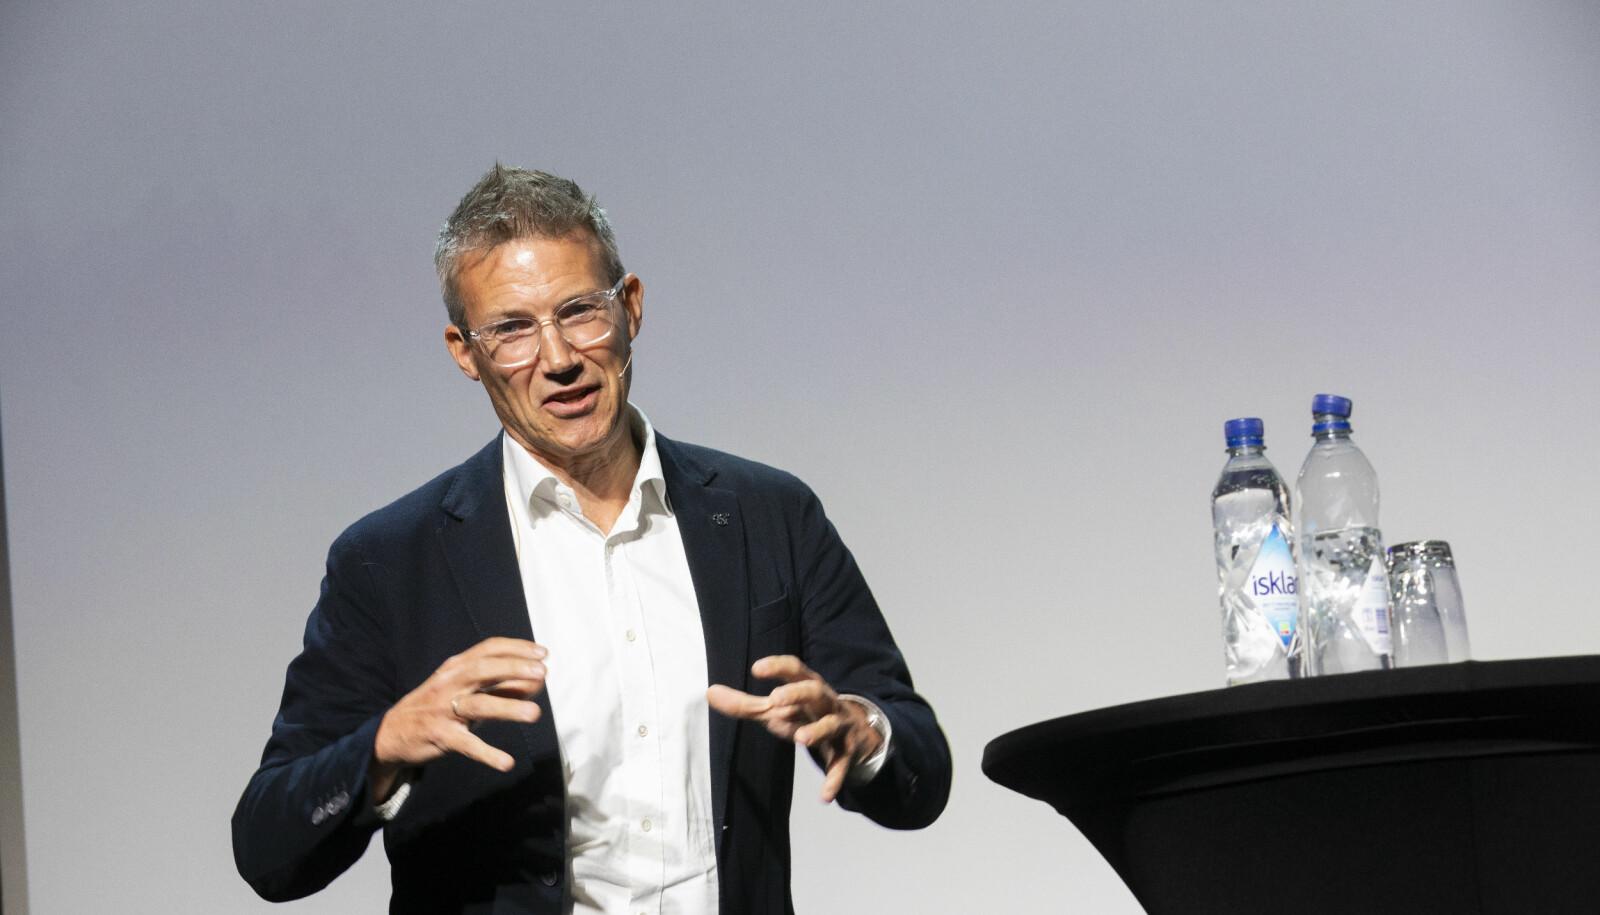 Truls Fjeldstad er markeds- og analysedirektør i Norgesgruppen.